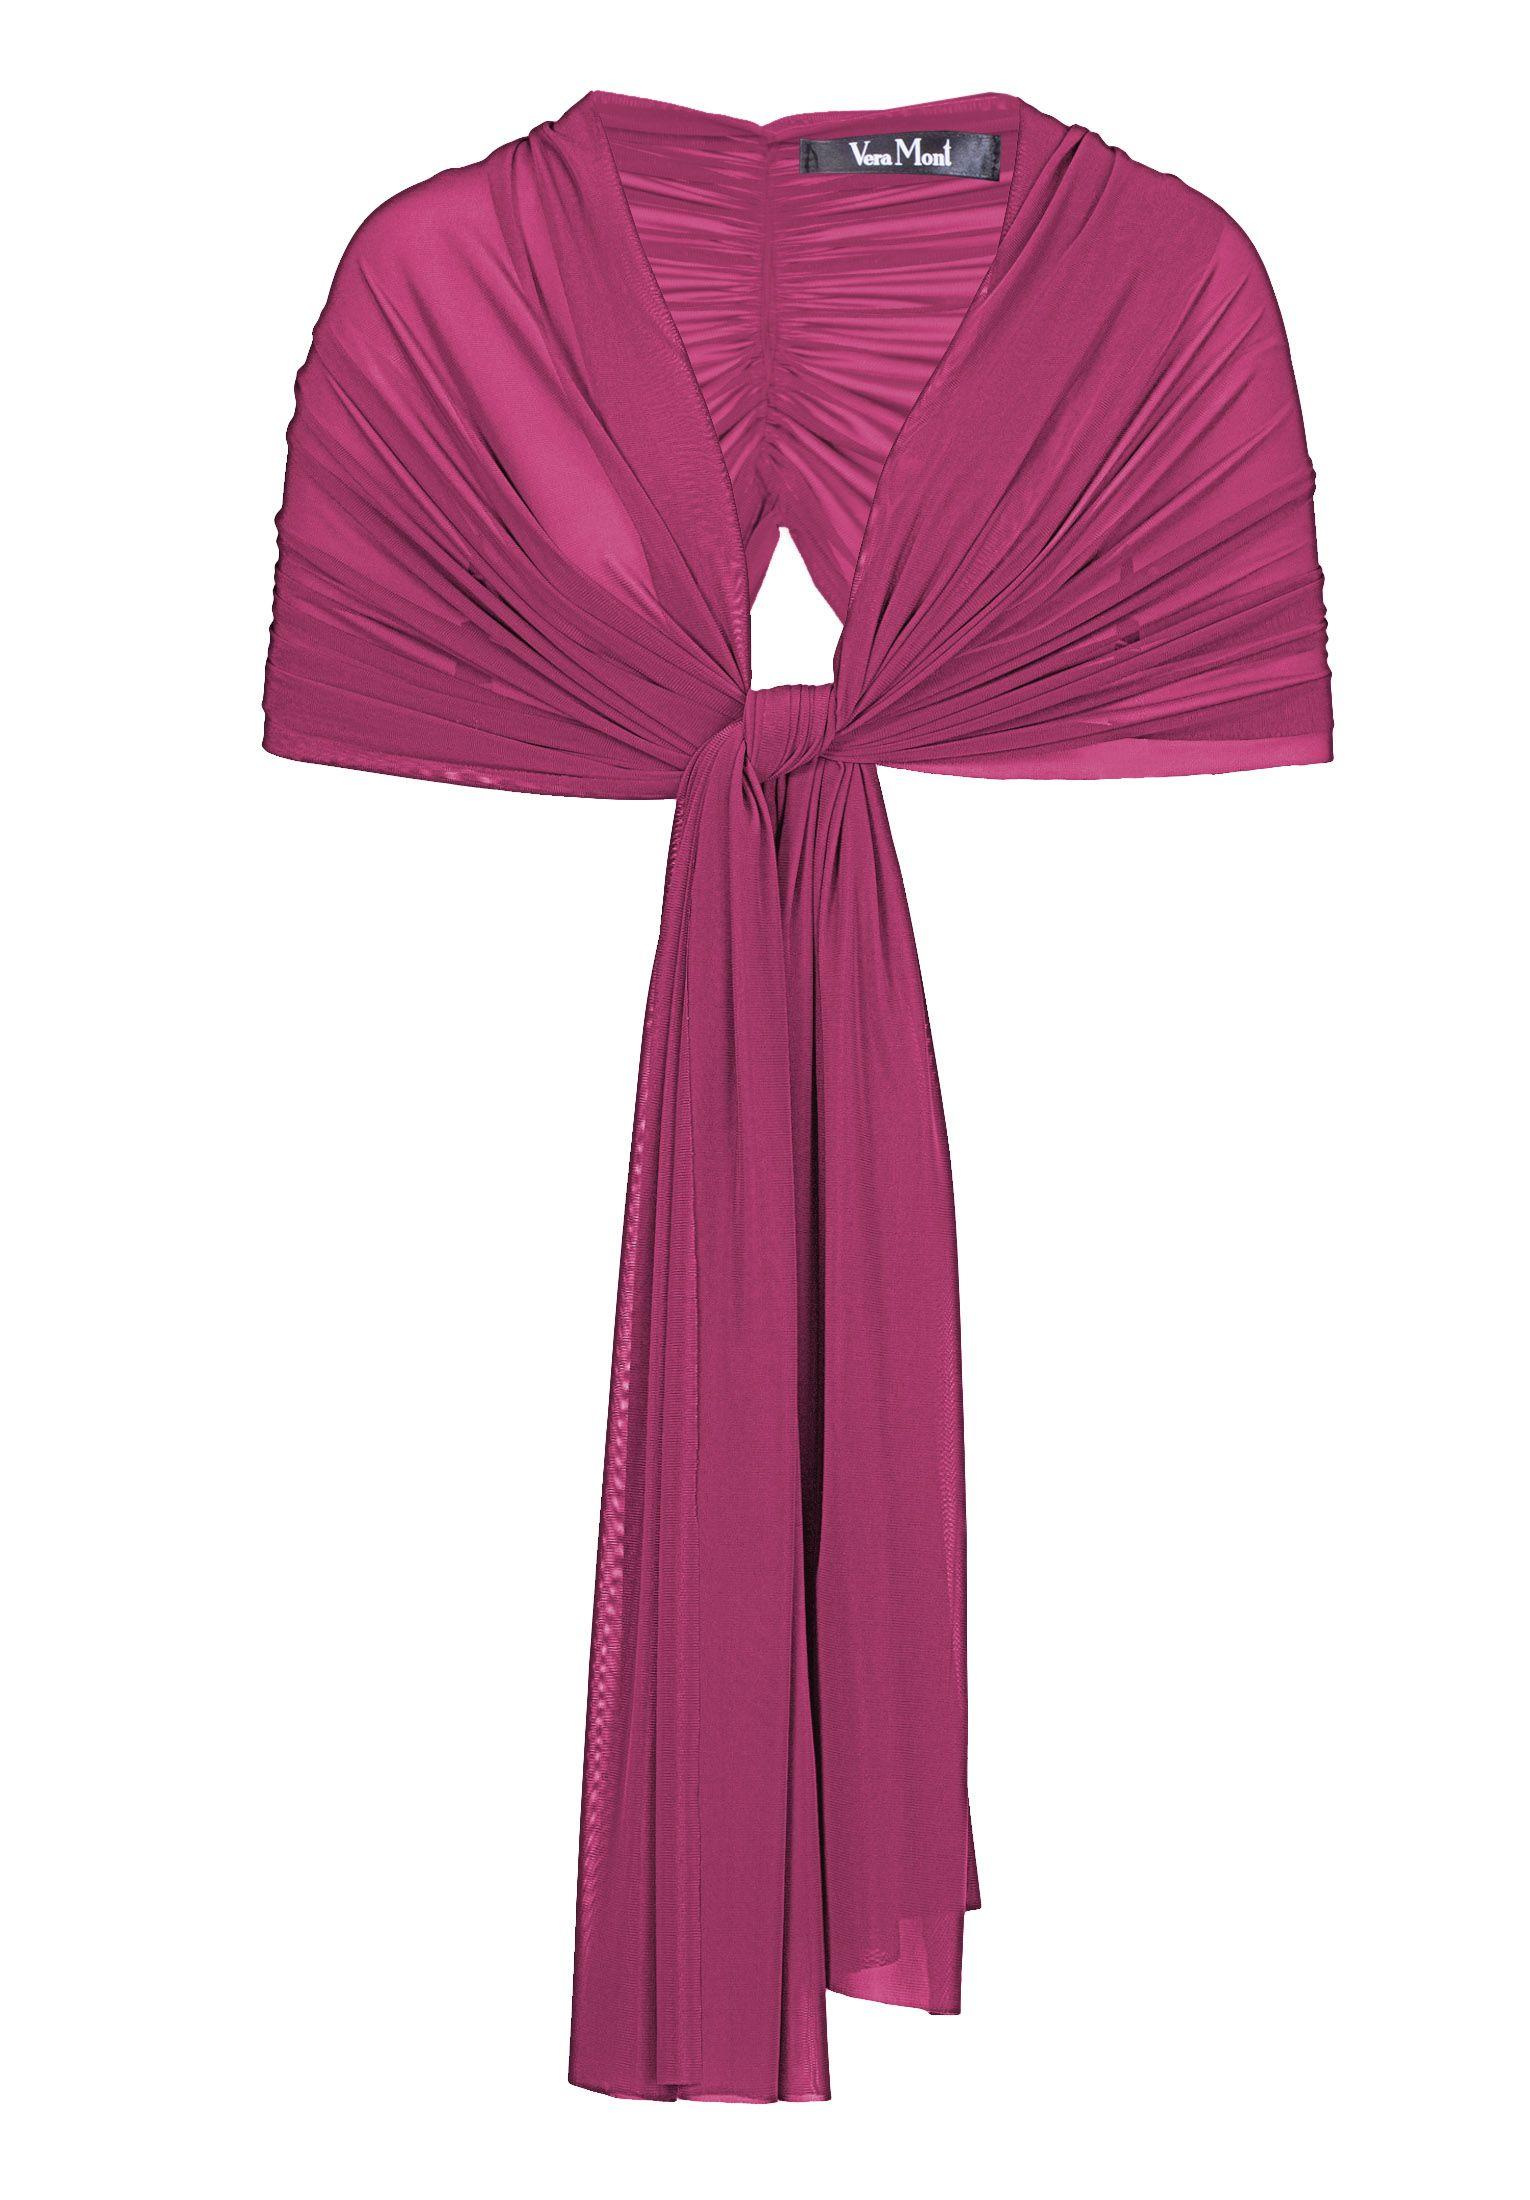 Vera mont cocktailkleid bright pink